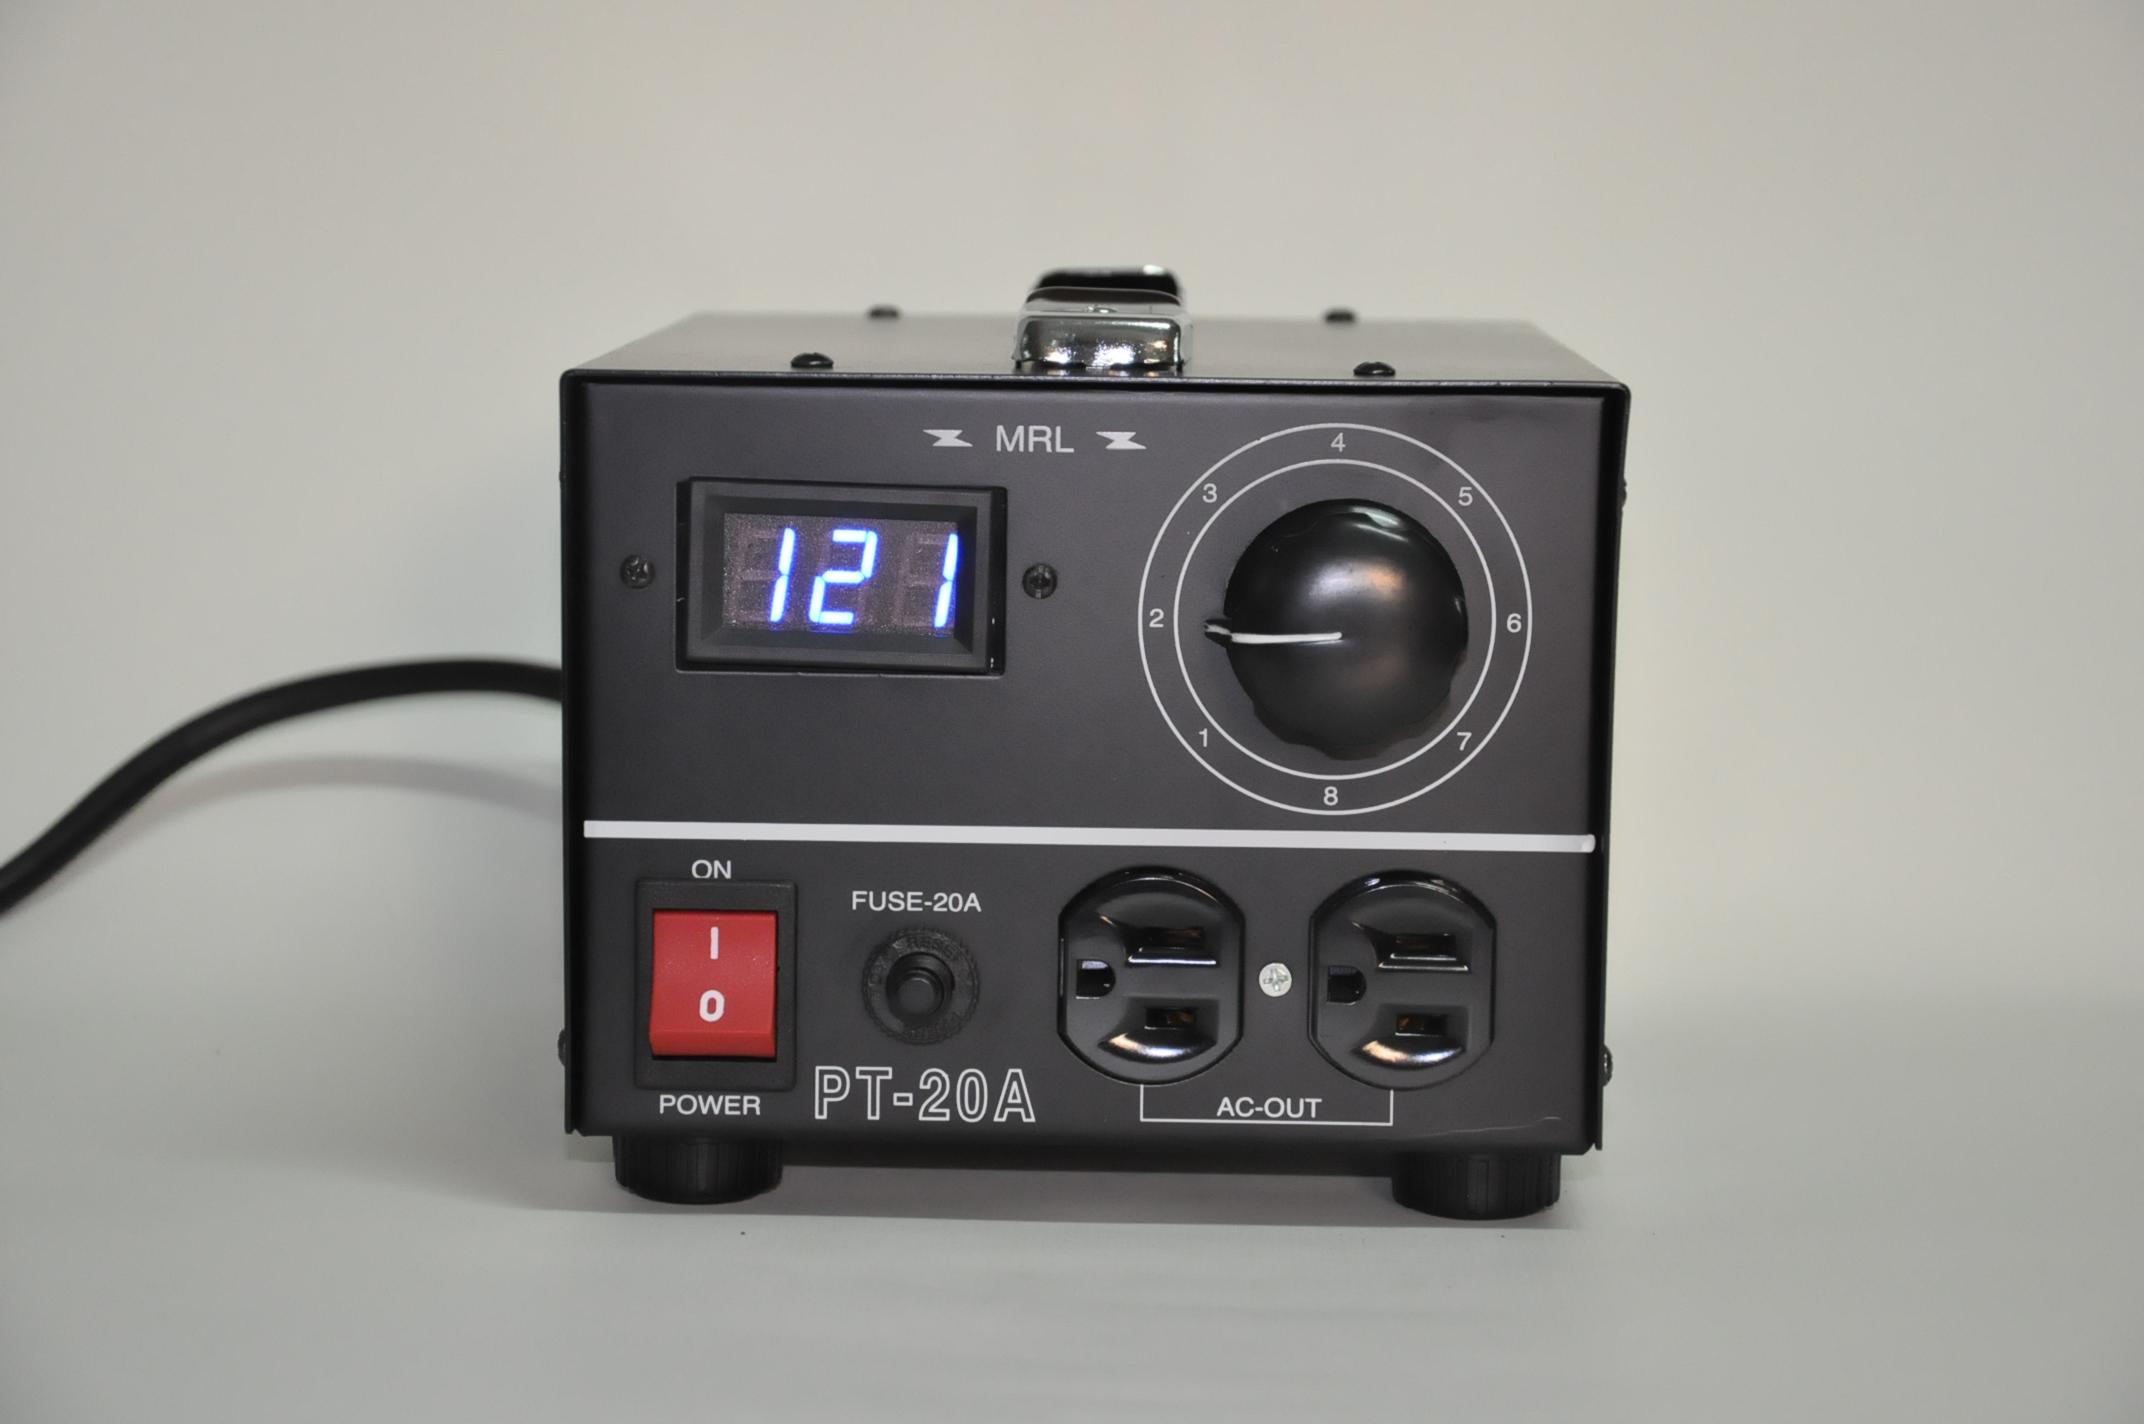 PT-20A